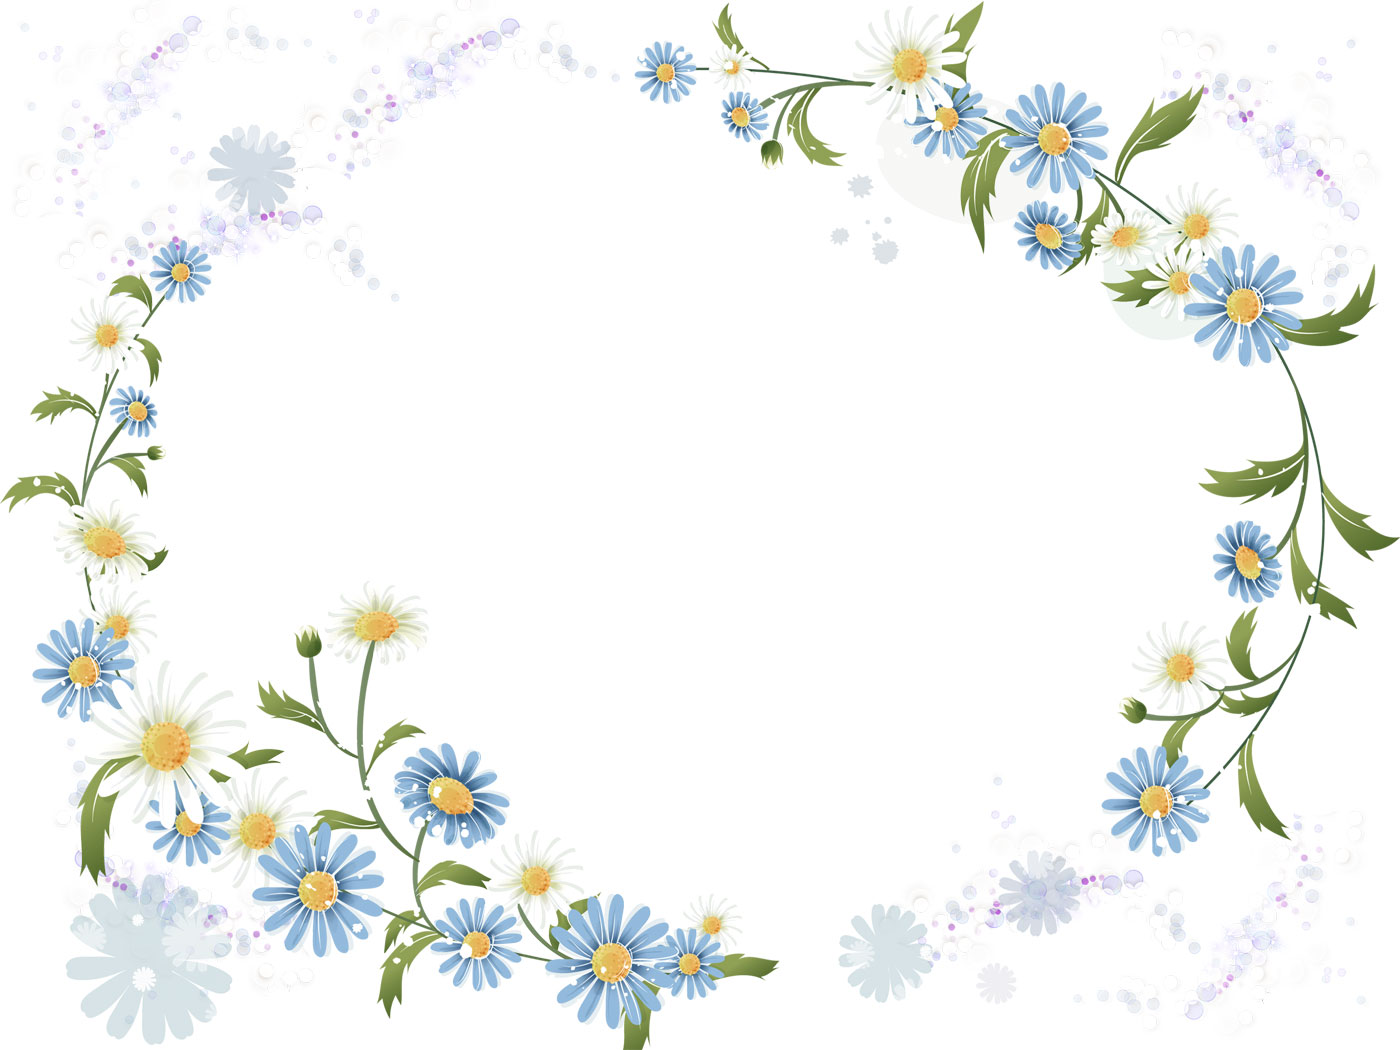 花 イラスト 背景 透明